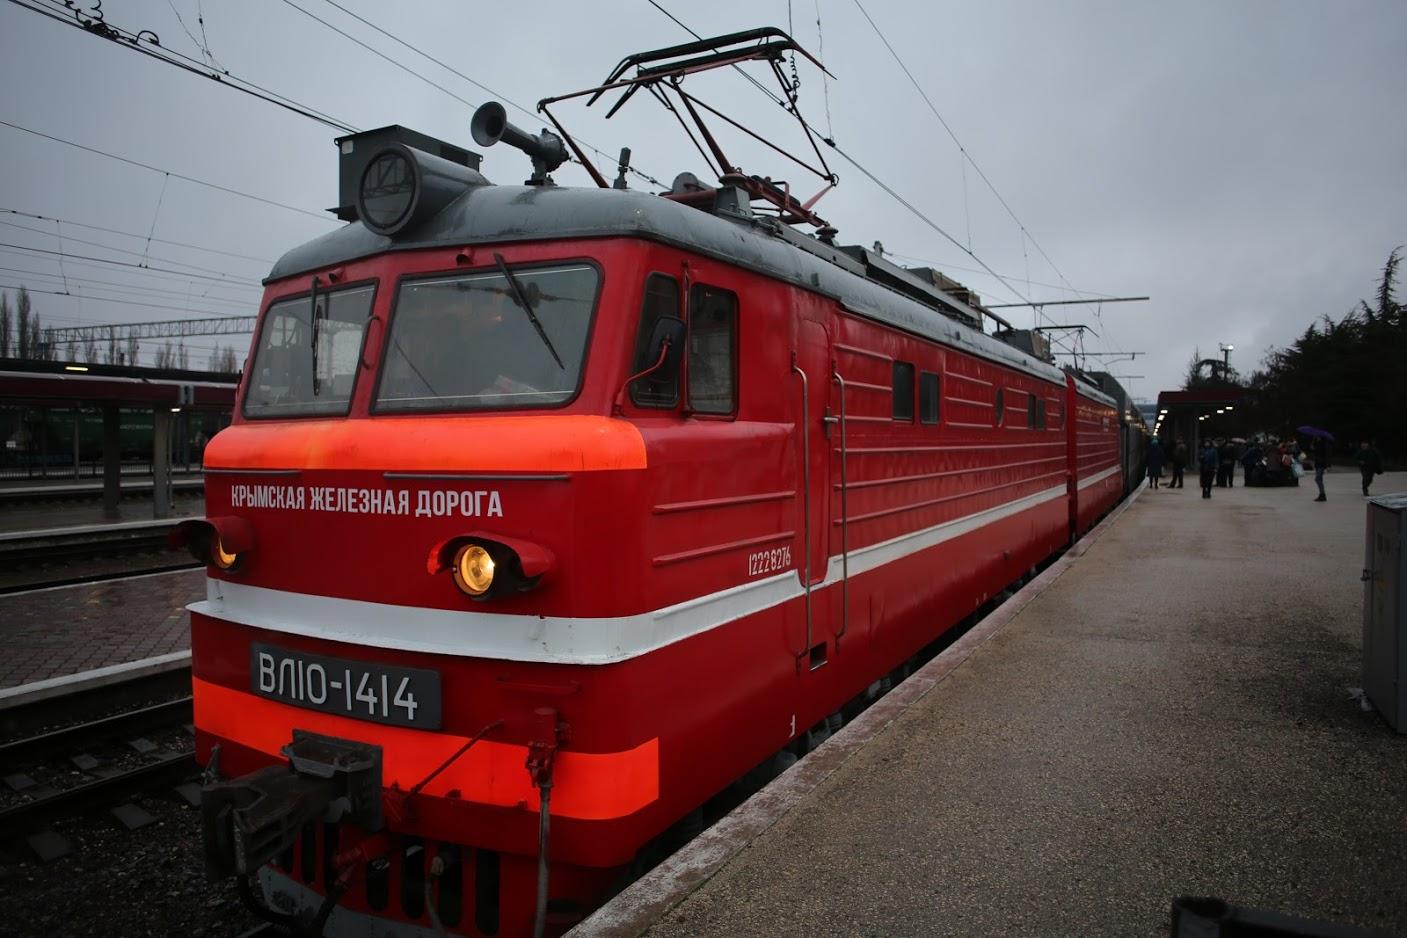 Семьи с детьми получат льготы на билеты в поезда по России